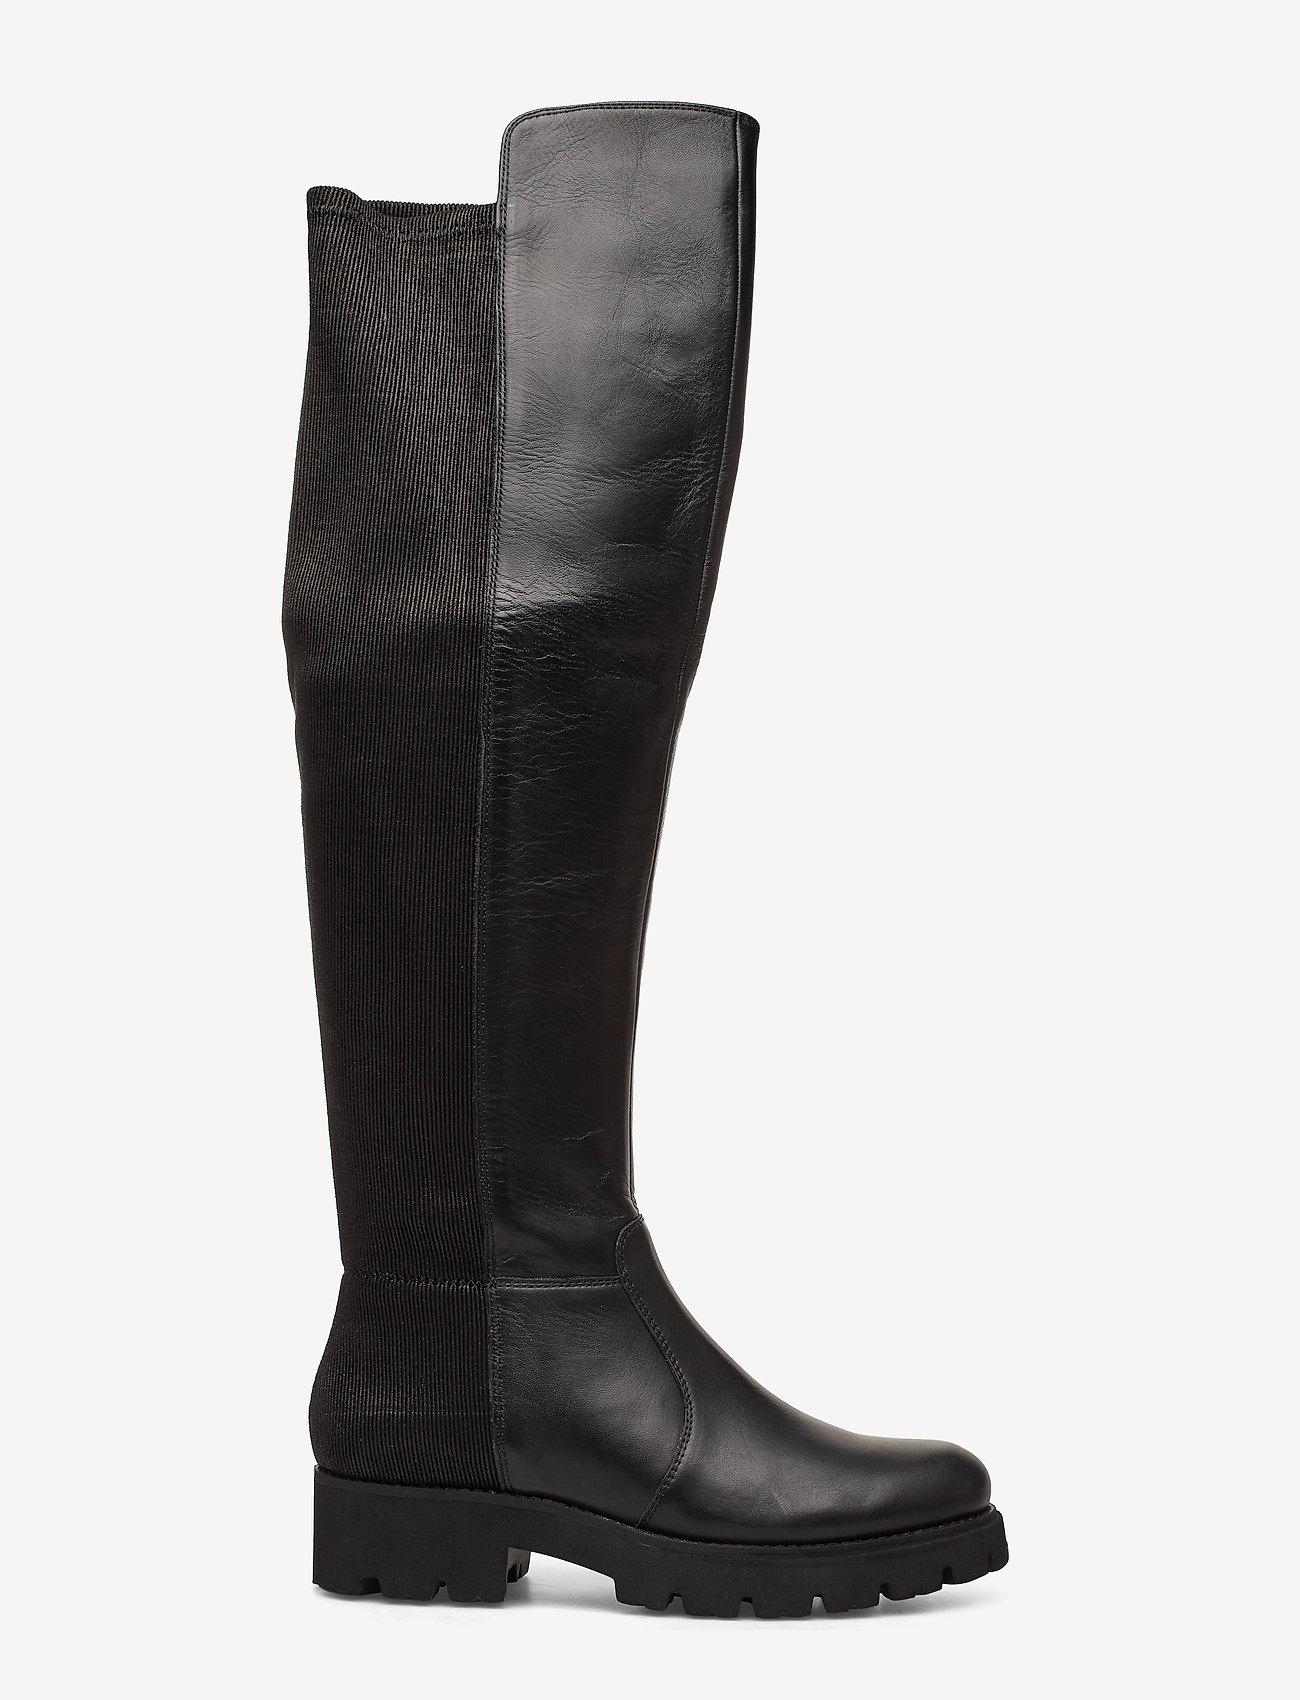 Hilly Boot (Black Leather) (1079.40 kr) Steve Madden